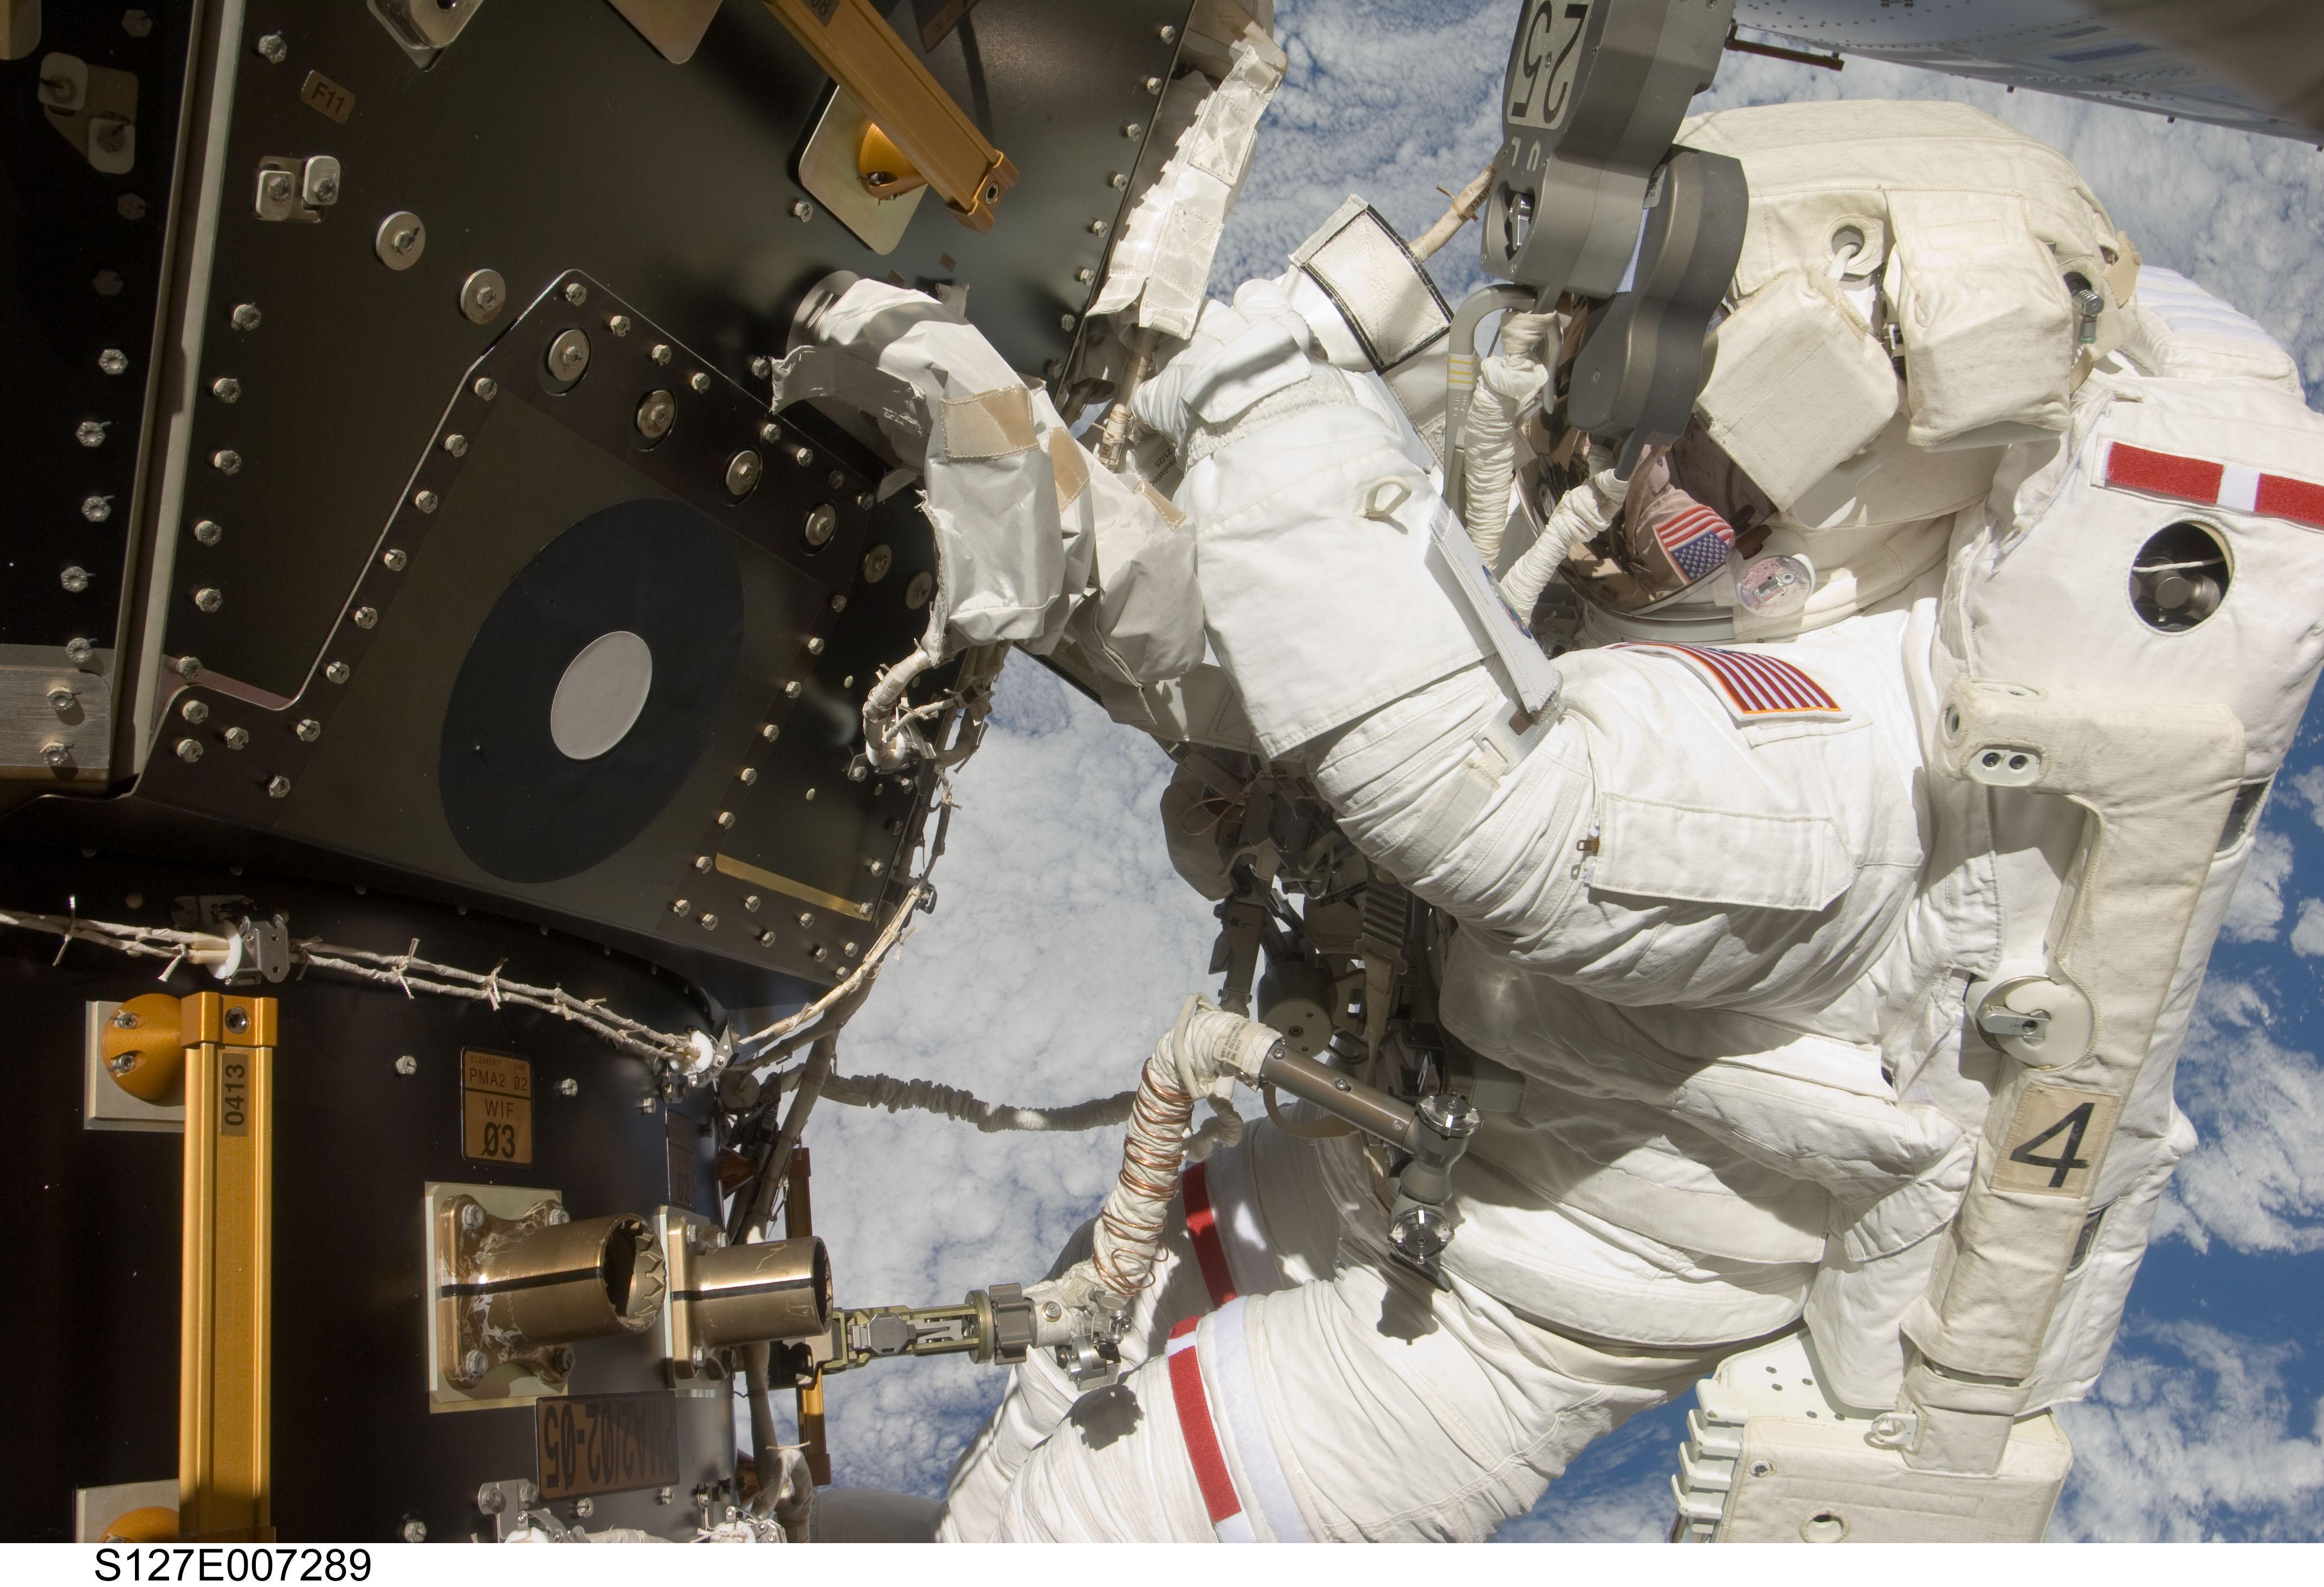 پارسی پیکس عکس بازیگران عکس  عکس فضانوردان دانلود رایگان تبیان